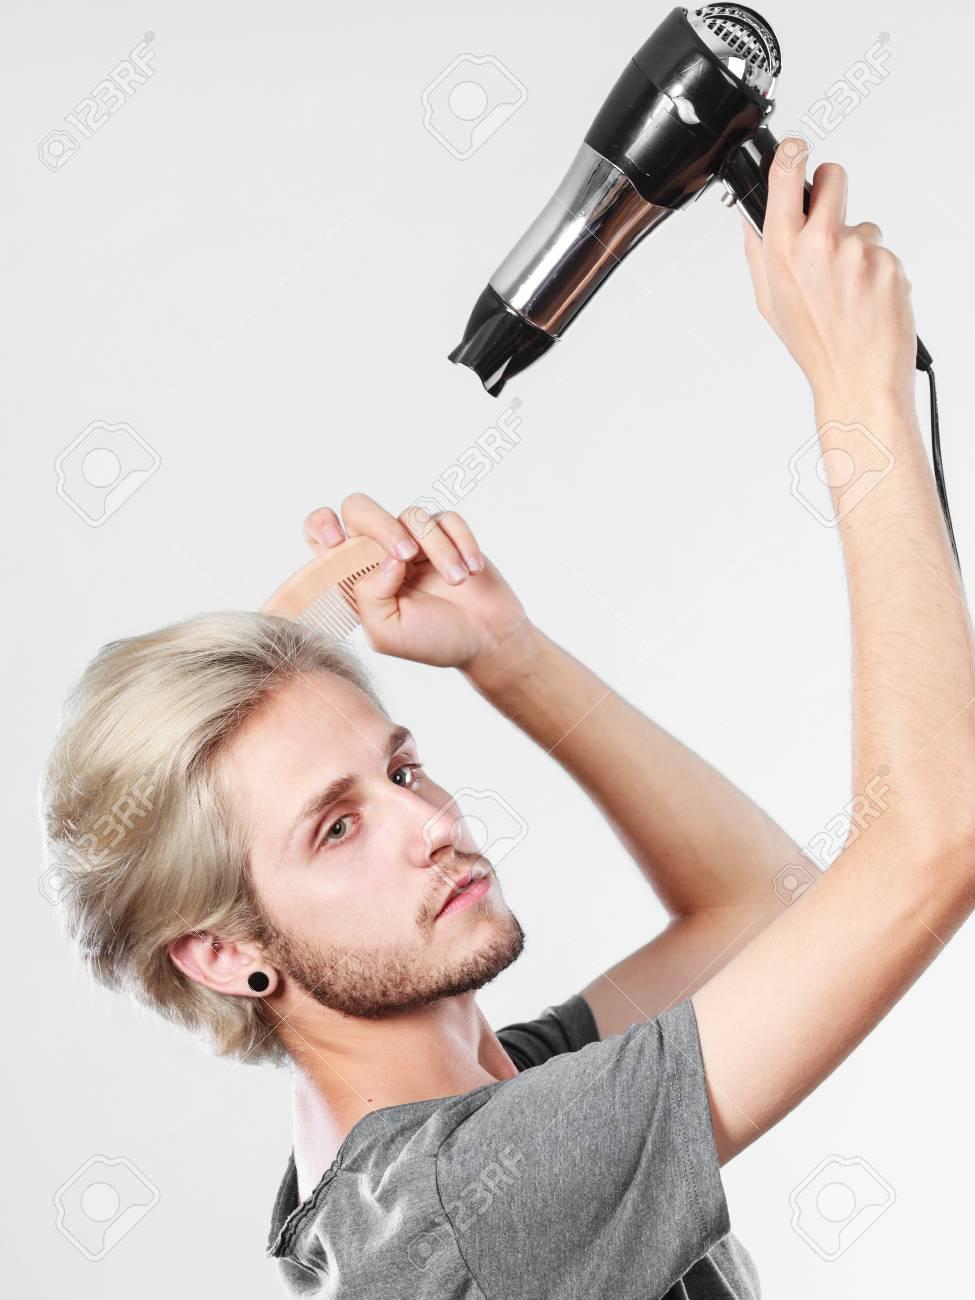 髪型とファッション。外観を変更する新しいアイデアを若いトレンディな男性ヘアスタイリスト床屋。ドライヤー髪を保持している金髪の男と櫛の新しいヘアスタイルを作成します。